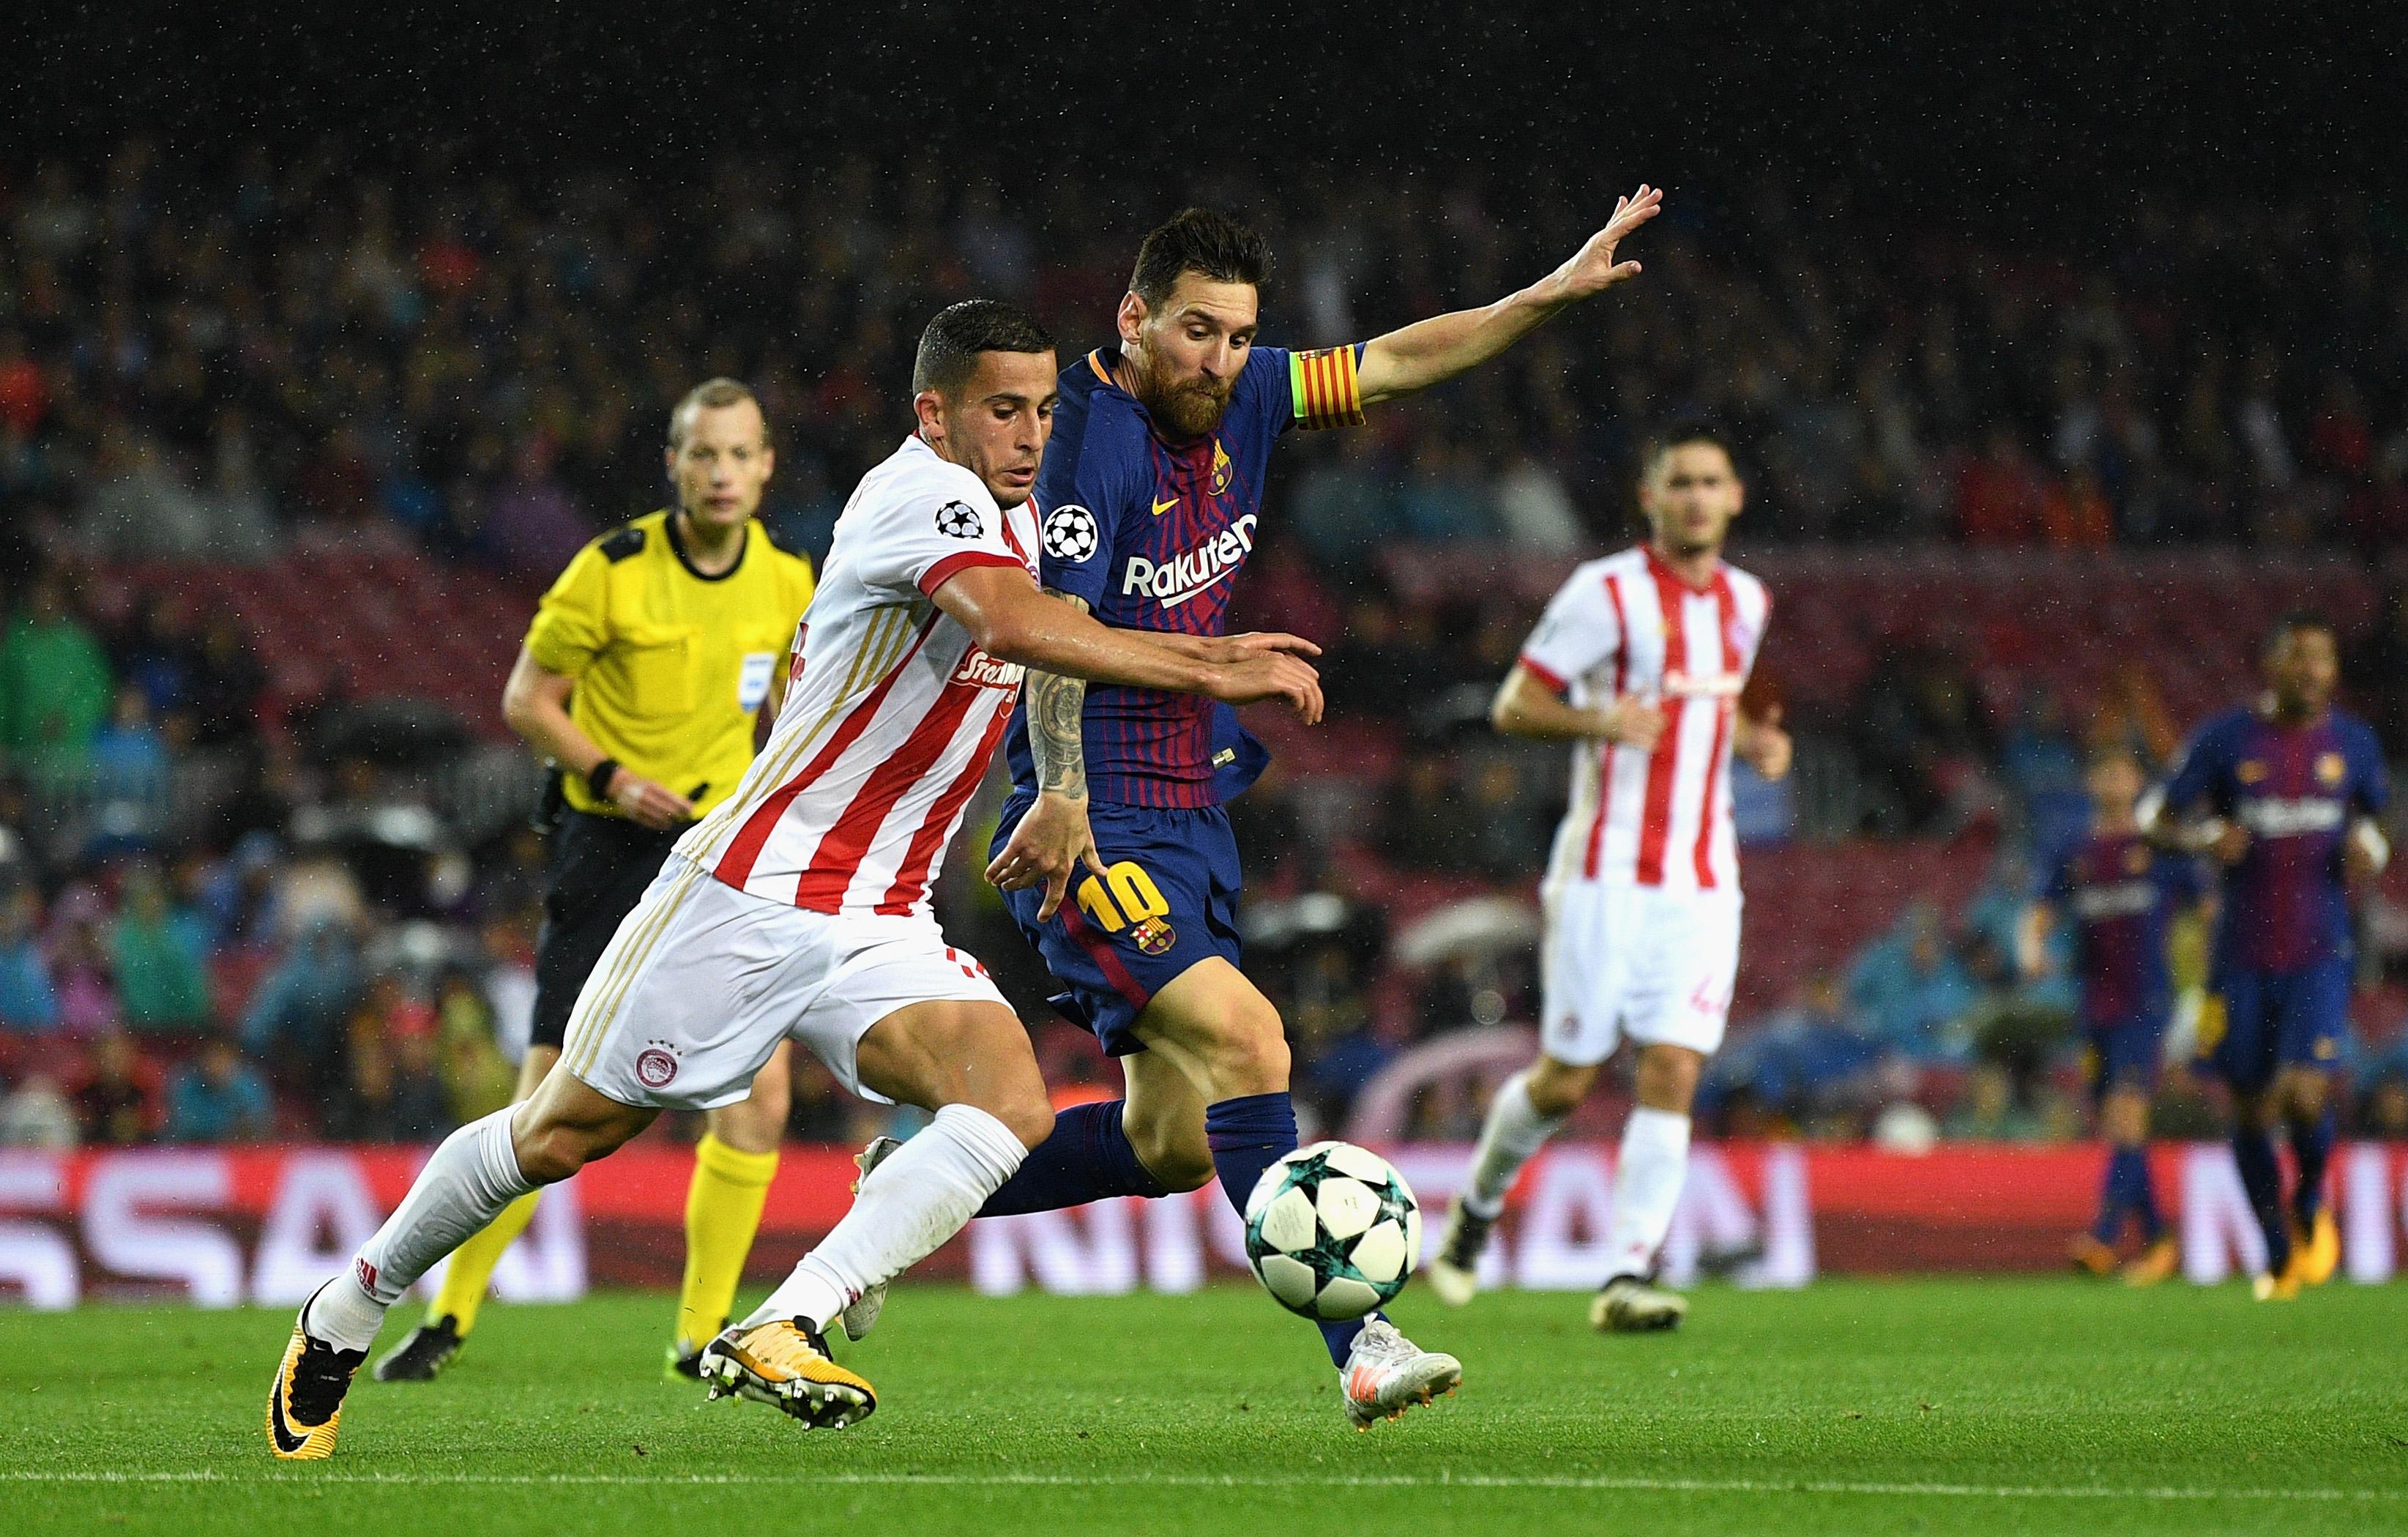 Барселона рома 24 ноября обзор видео